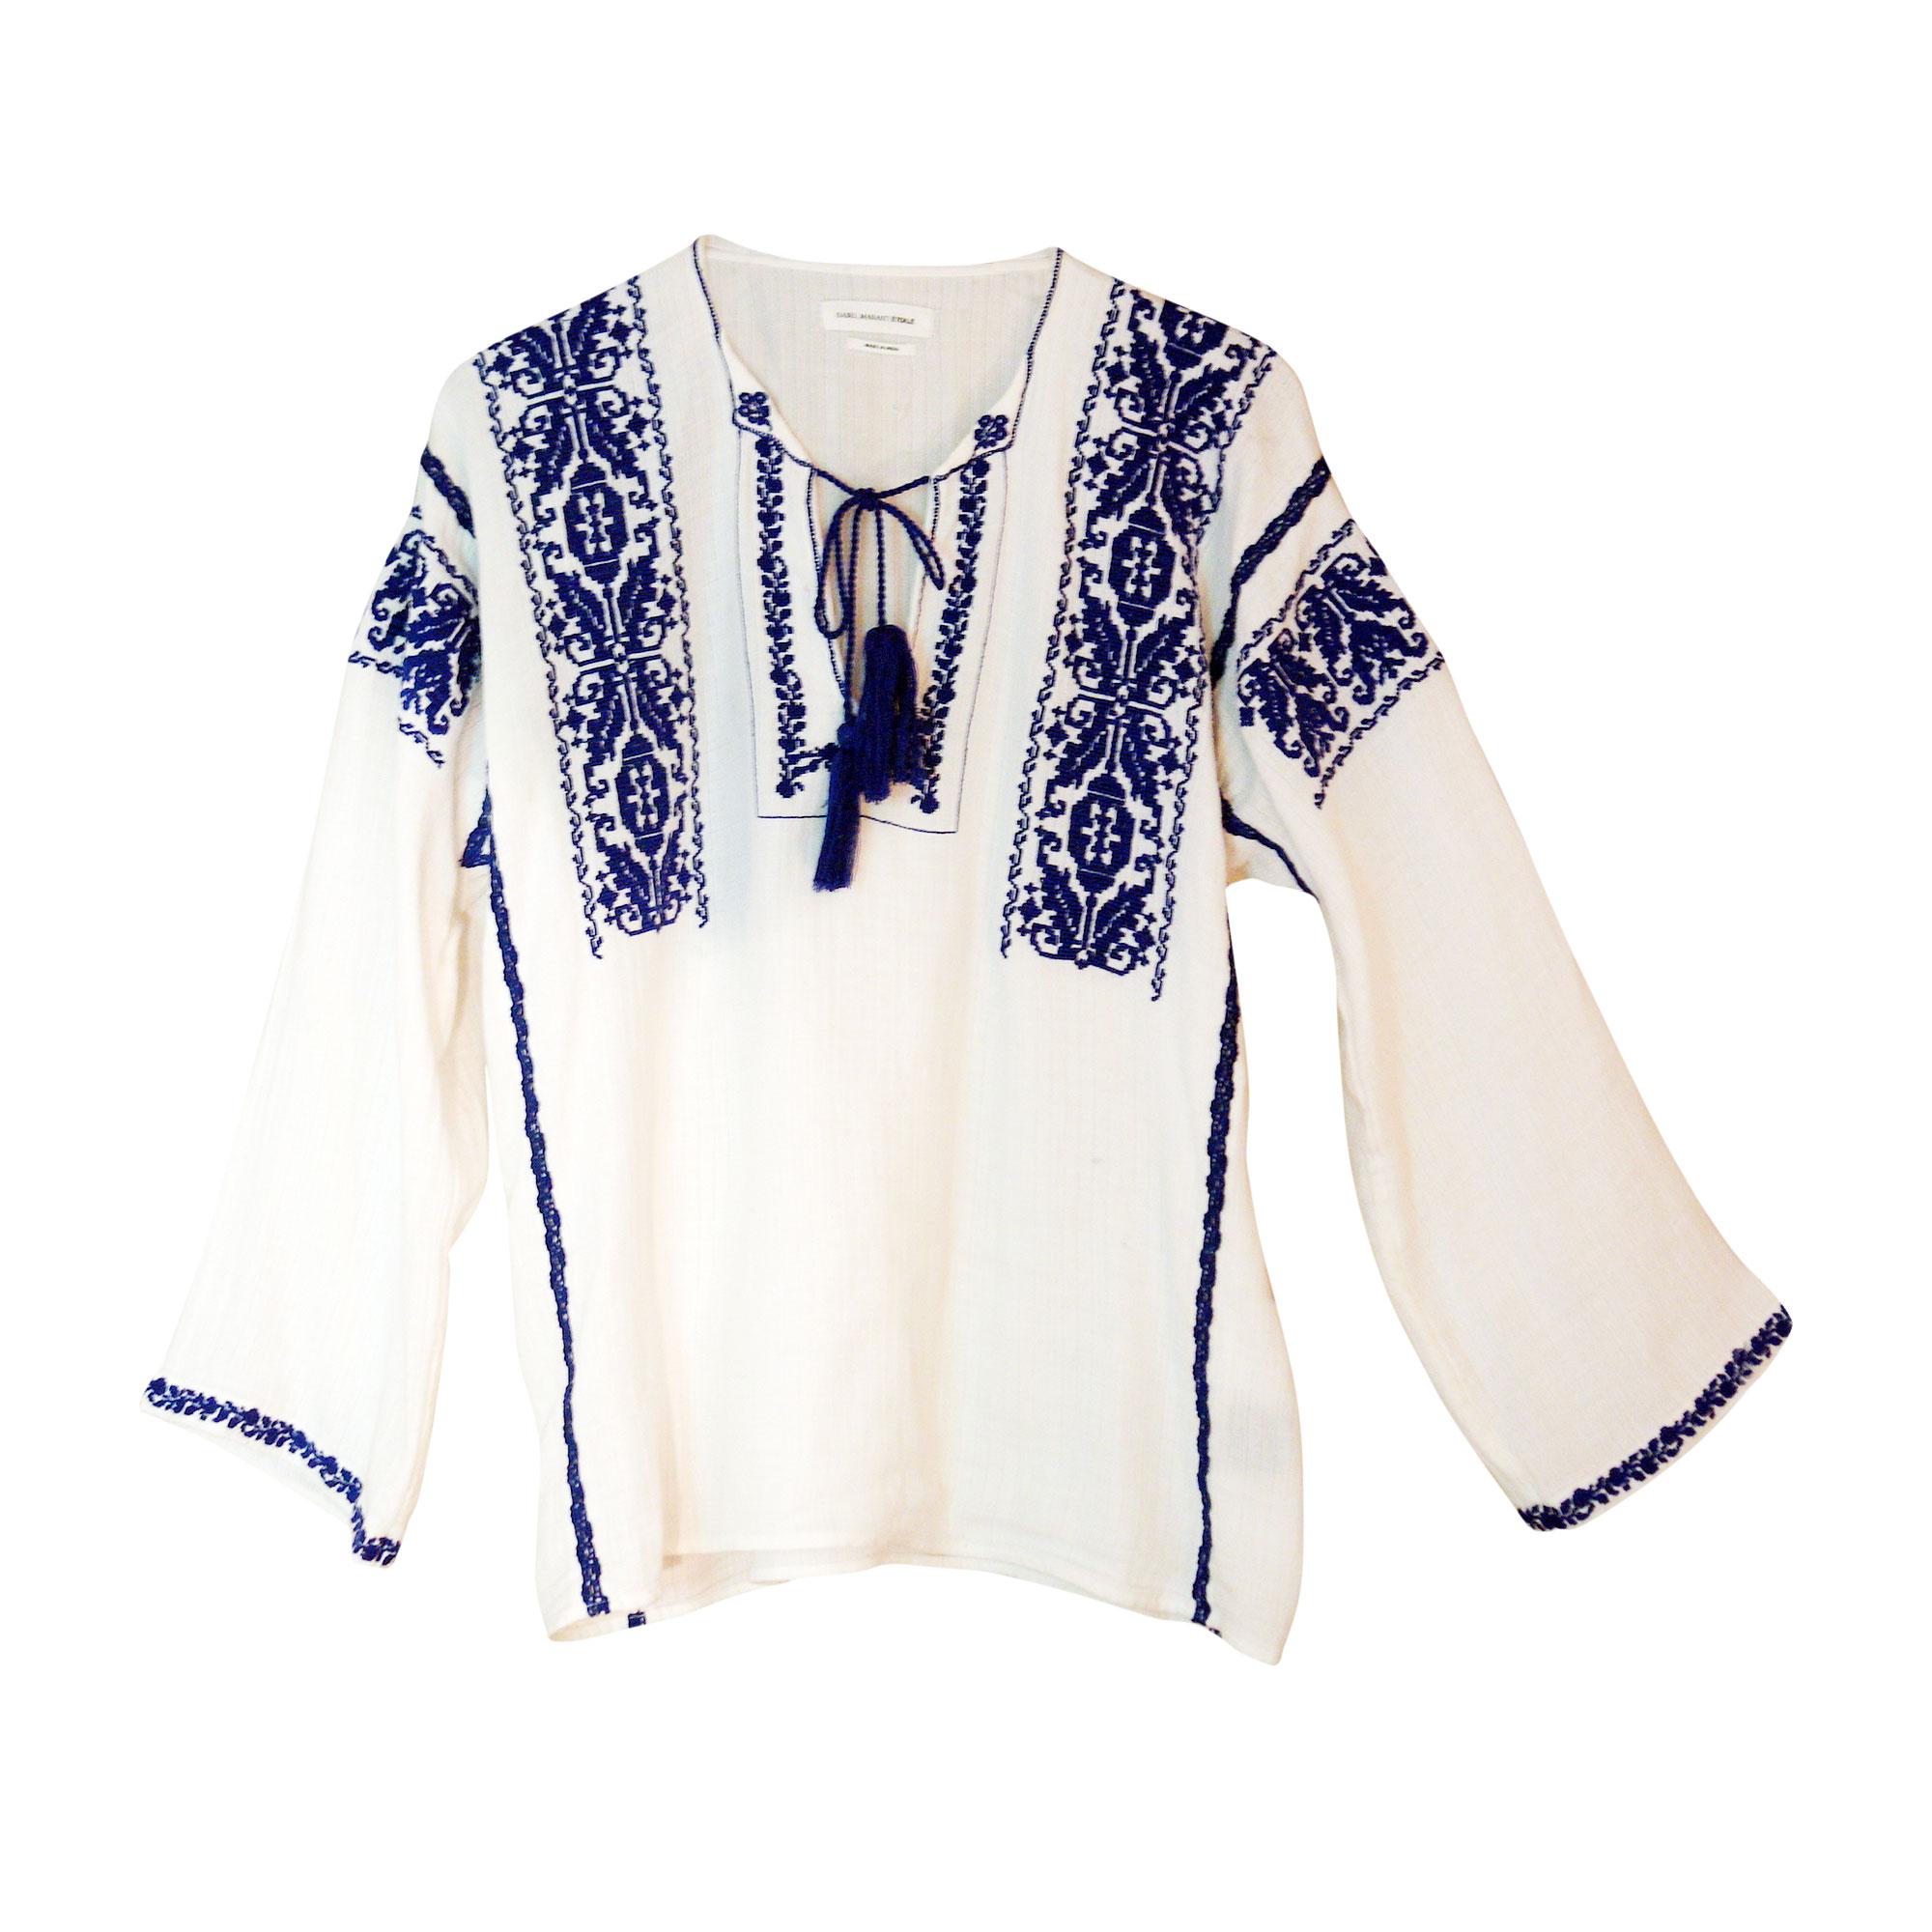 Bluse ISABEL MARANT ETOILE Weiß, elfenbeinfarben